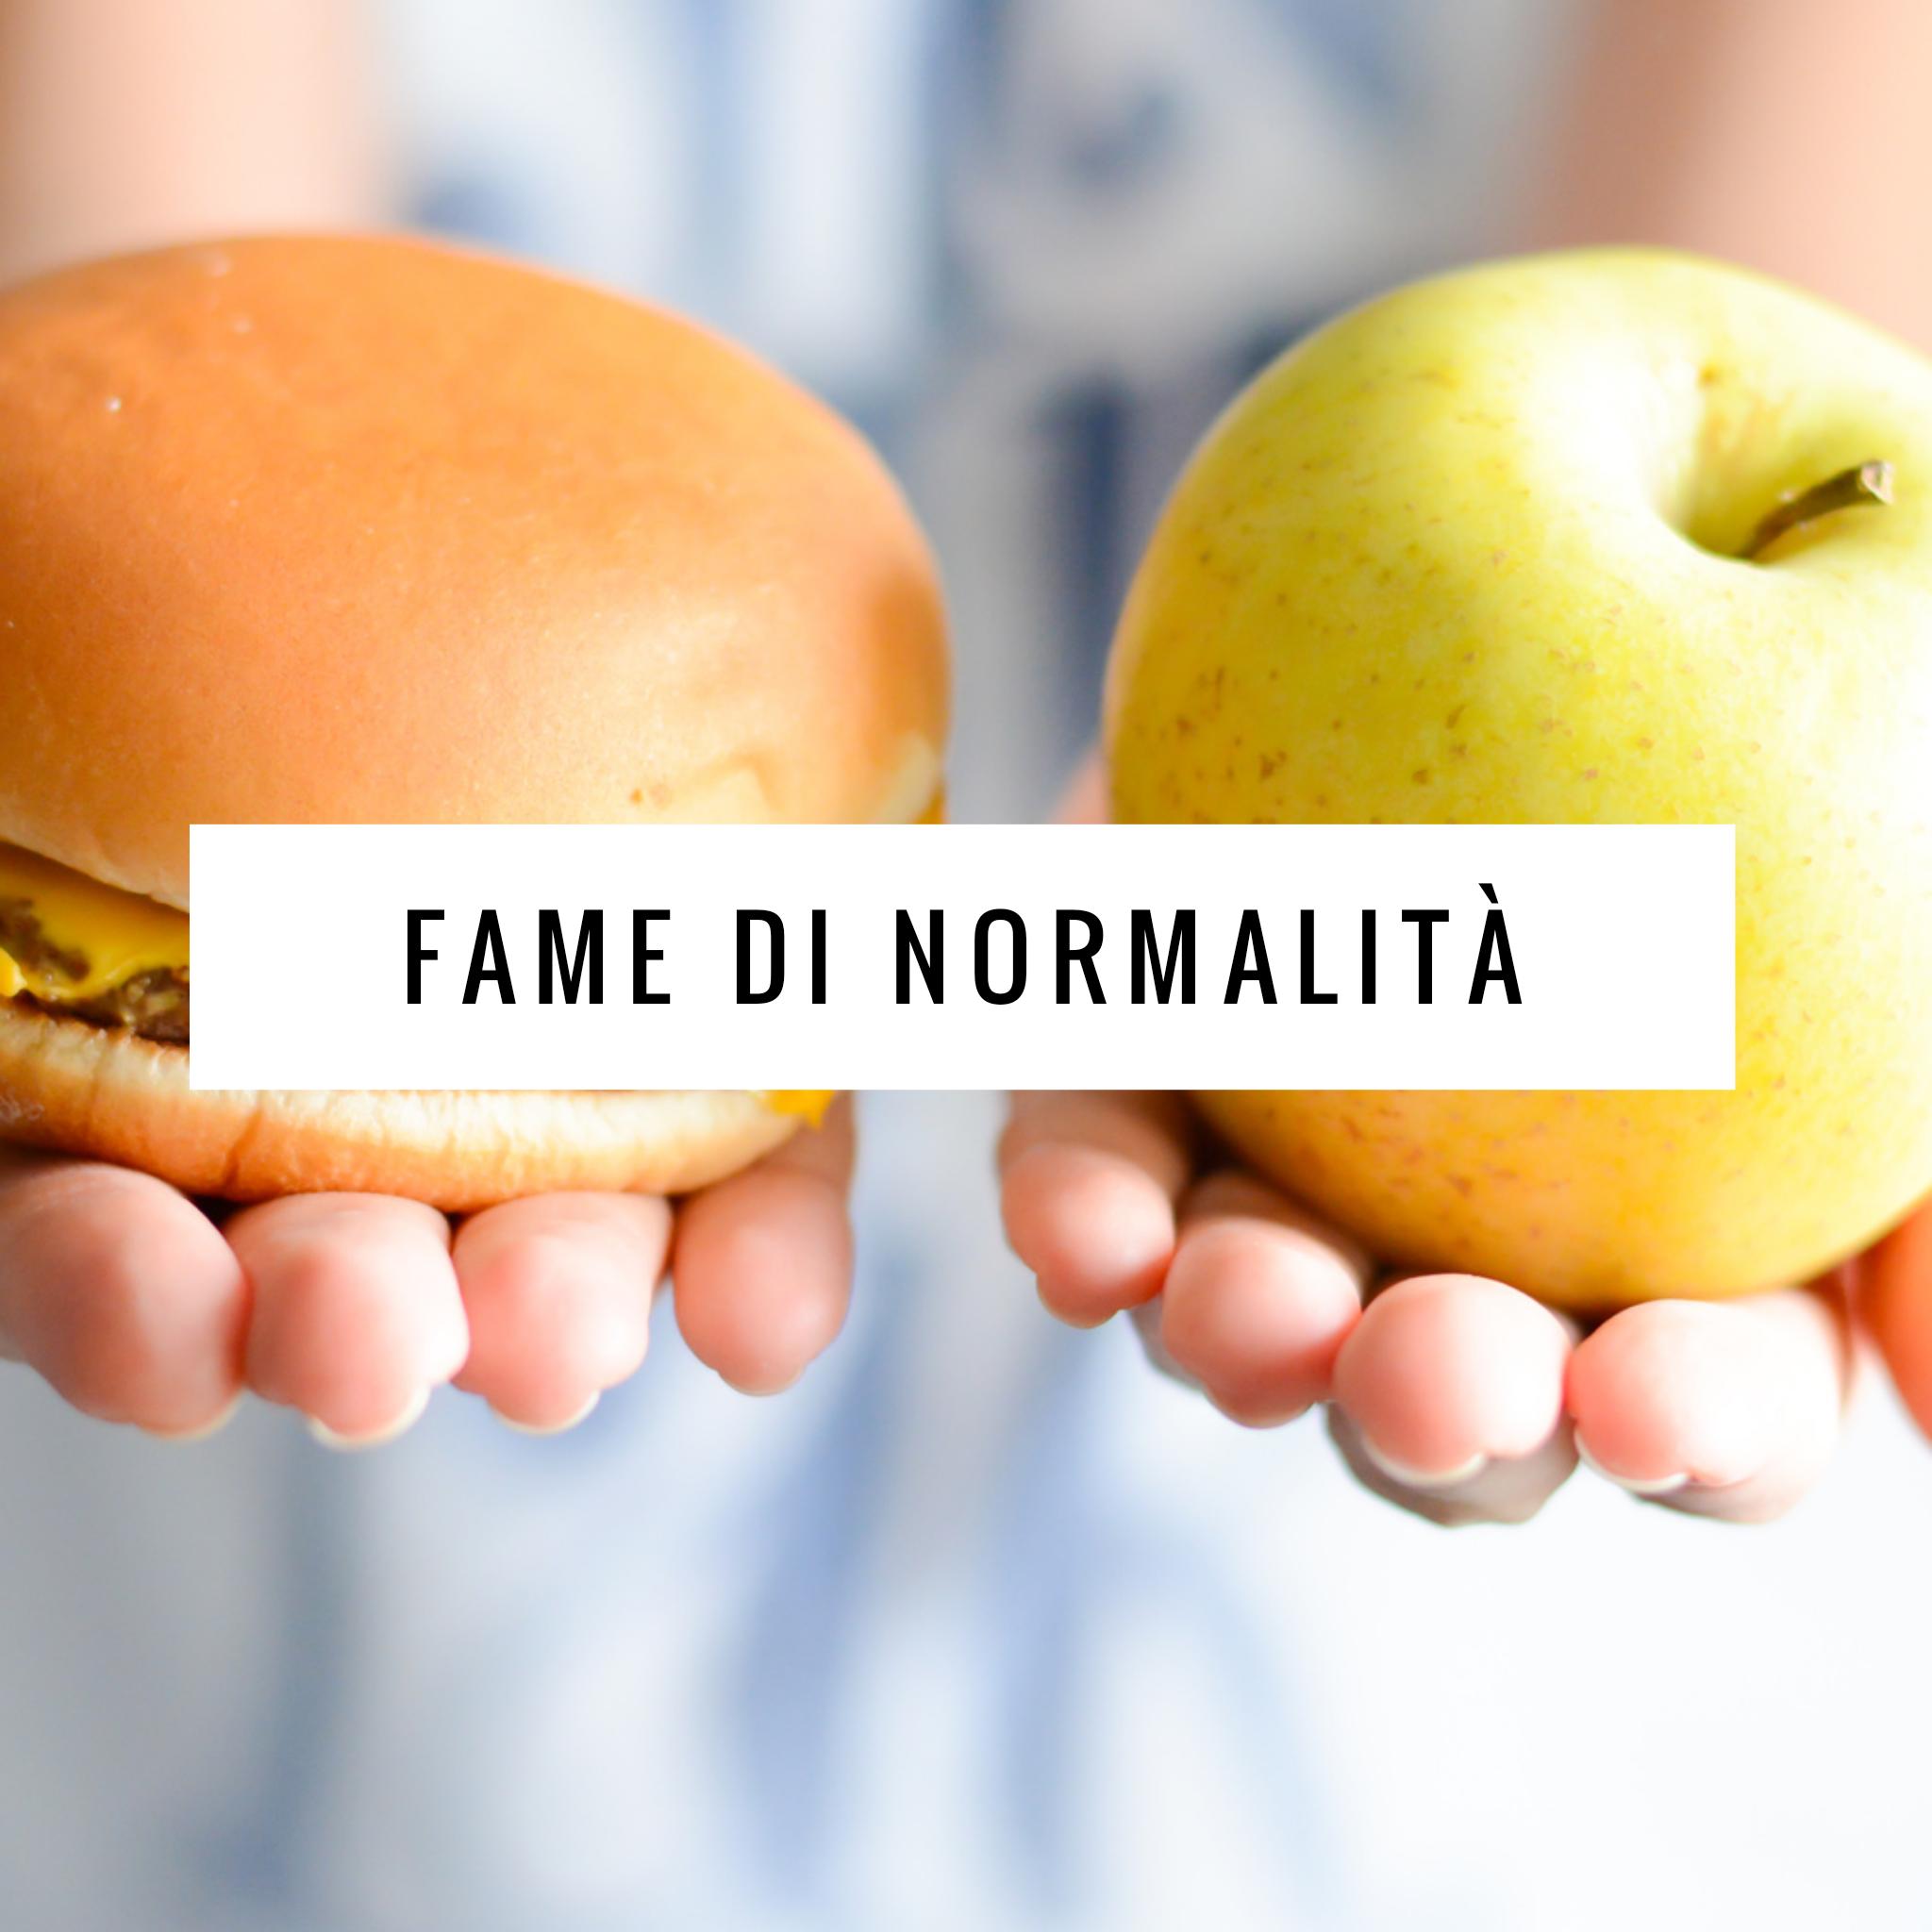 FAME DI NORMALITA'. Dott.ssa Camilla Rivera, psicologa e Dott.ssa Jessica Cennamo, Dietista/Nutrizionista